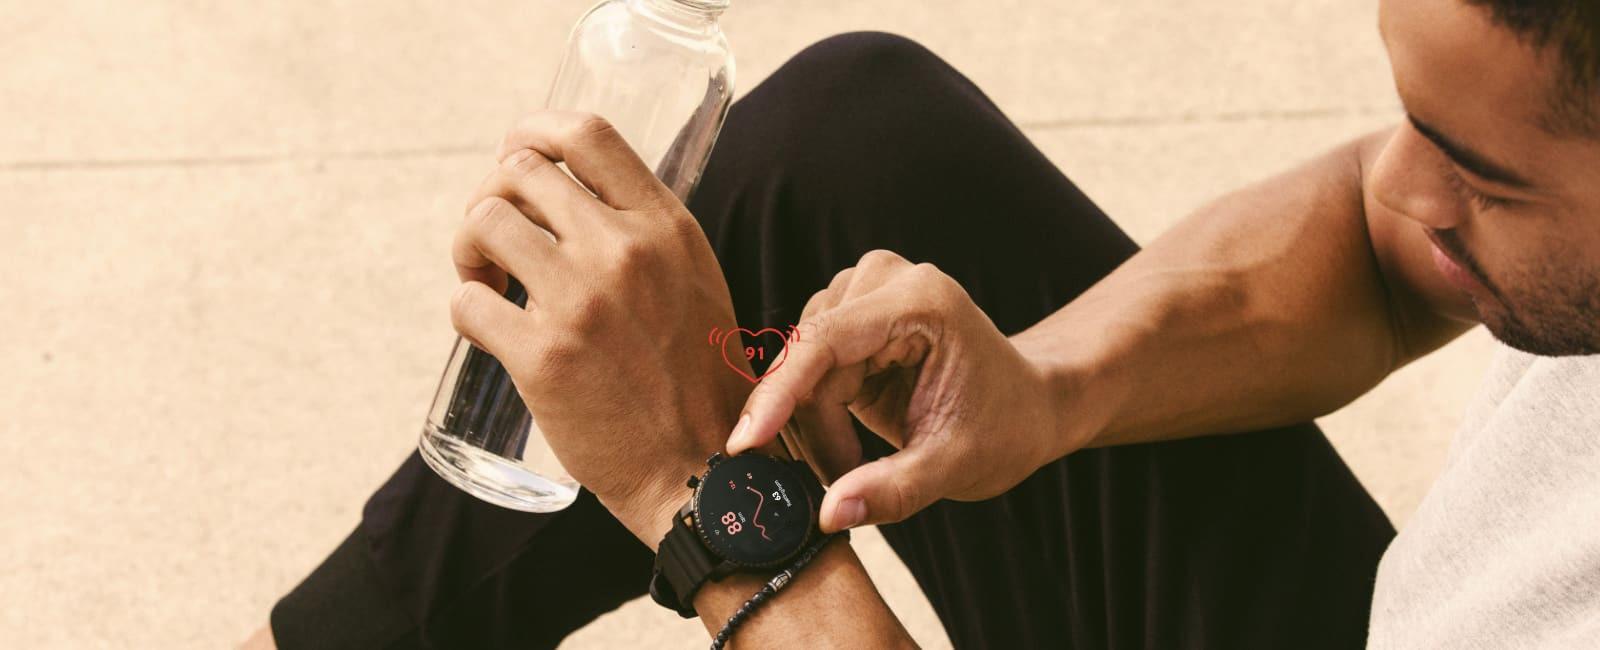 Un uomo controlla il battito cardiaco dopo un allenamento.